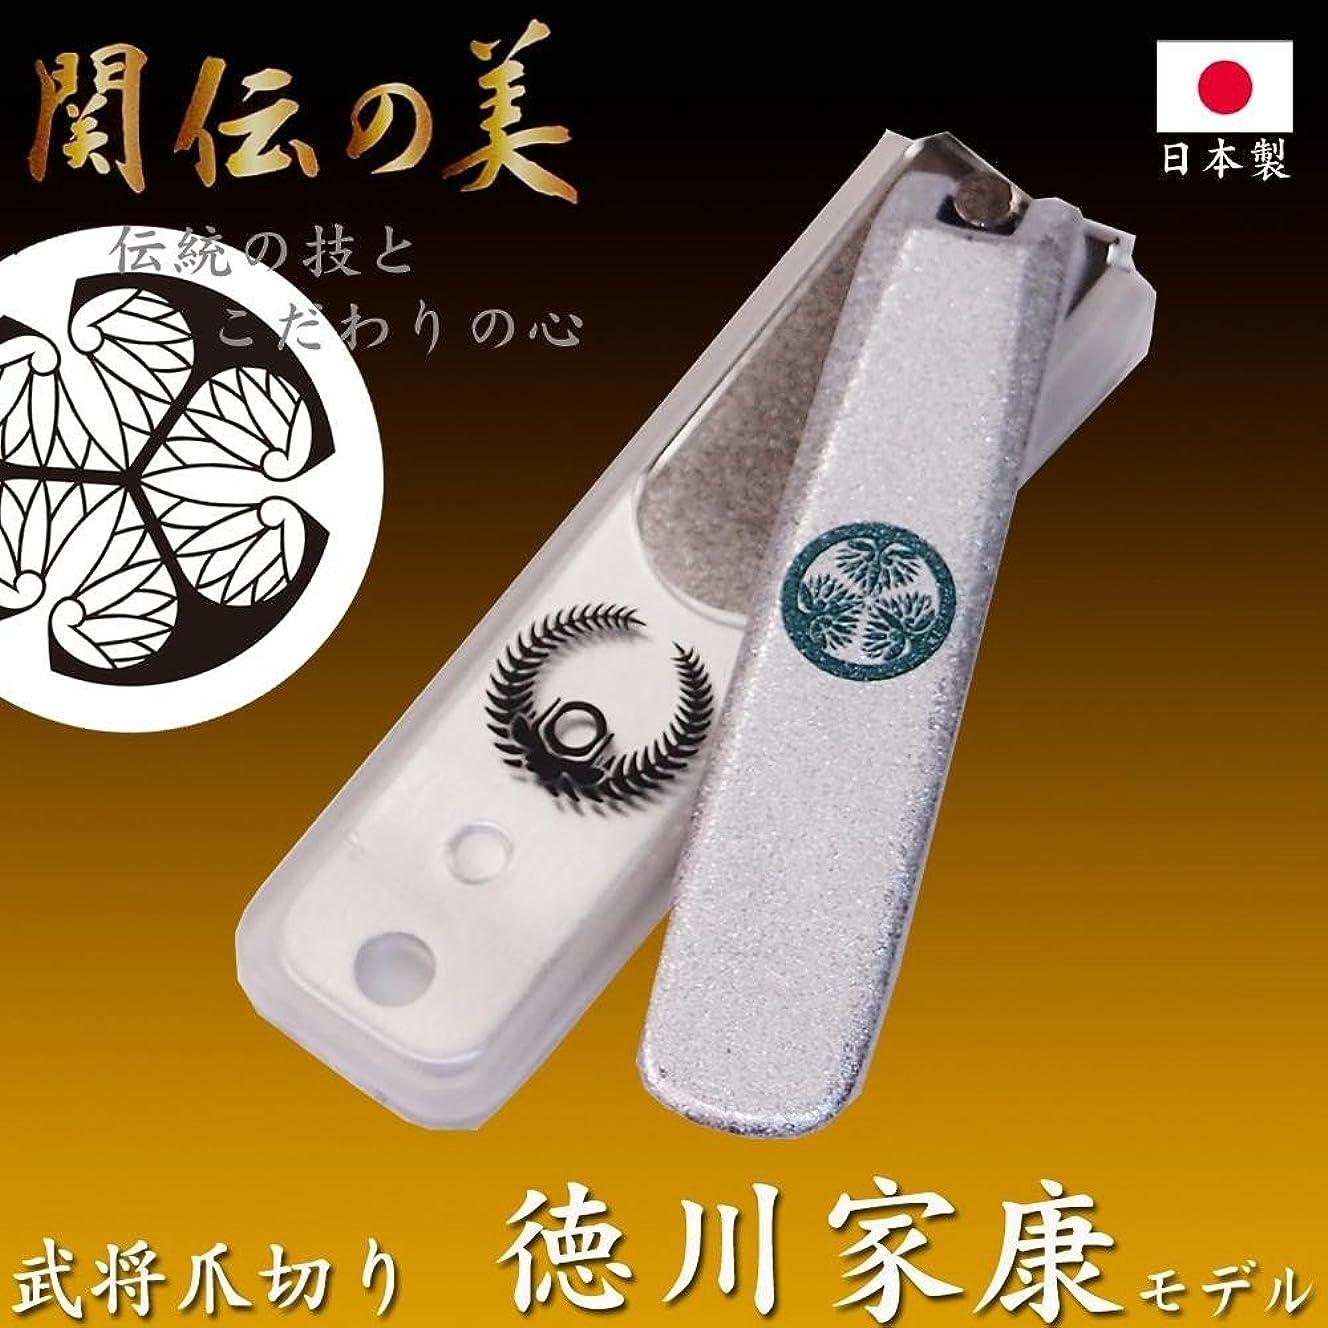 オーバーランニュースノーブルNIKKEN ニッケン刃物 関伝の美 武将爪切り 徳川家康モデル シルバー NL-15I